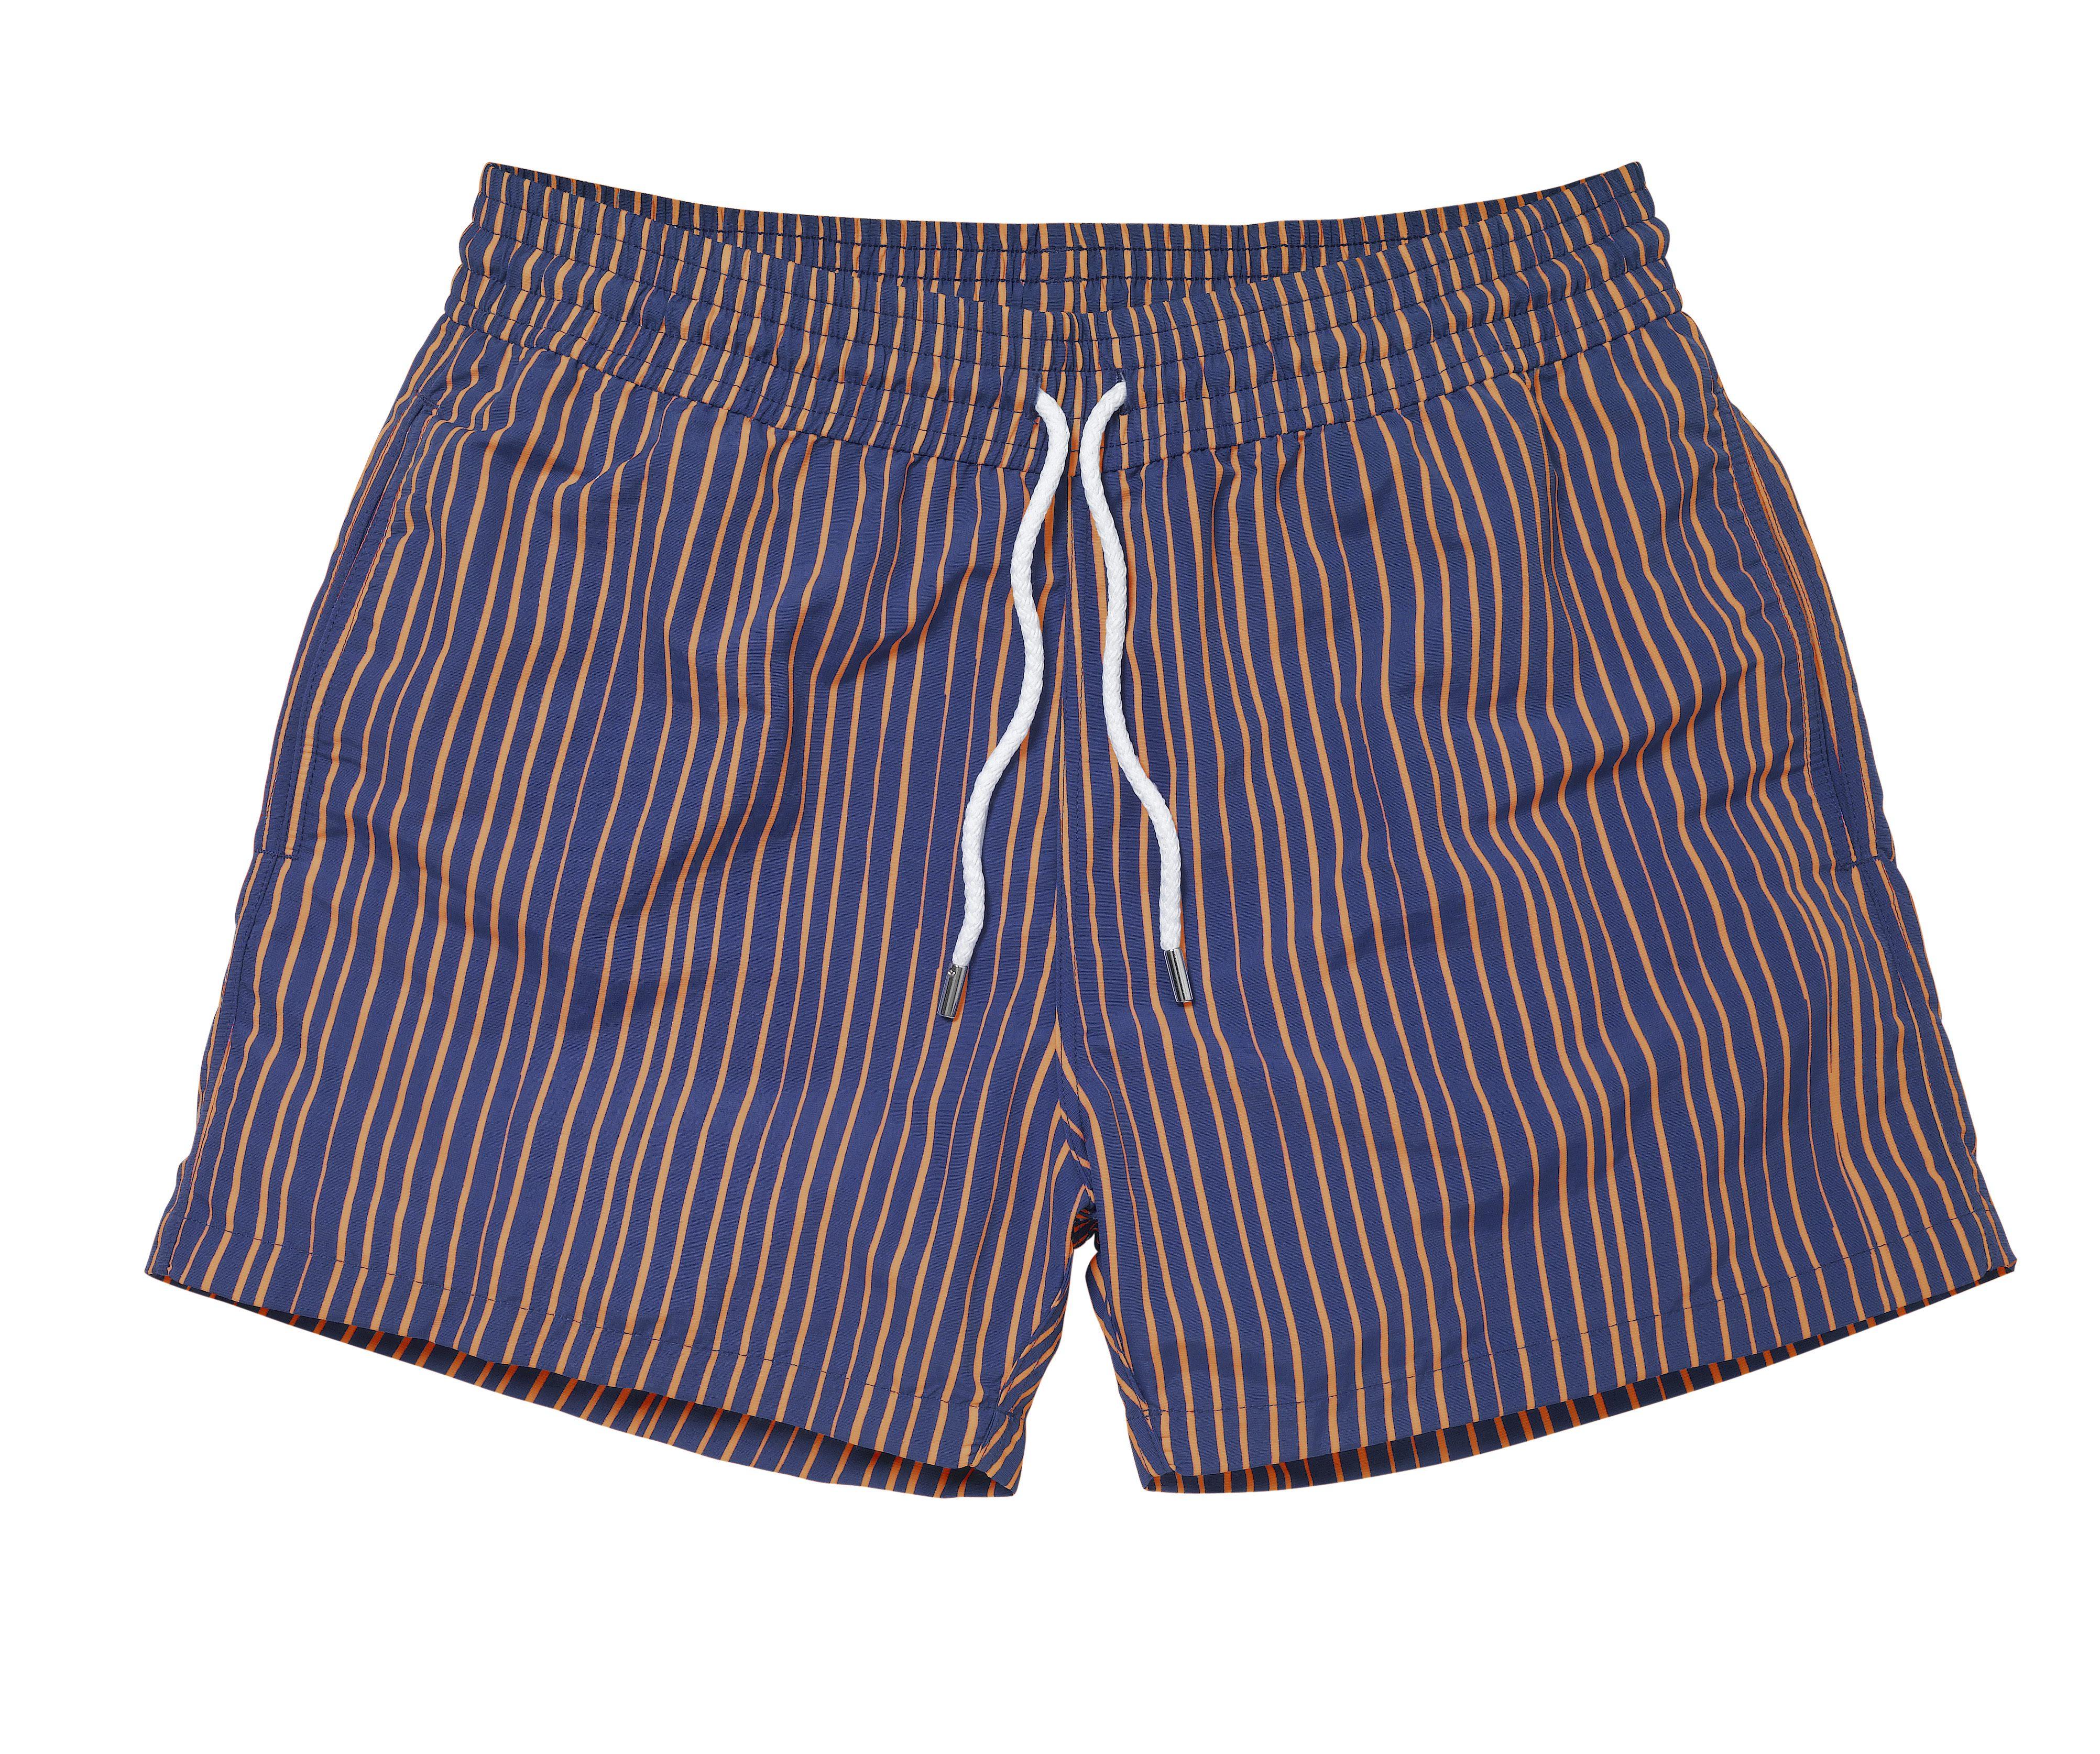 Sports Shorts Tracos Large Navy_Orange.jpg